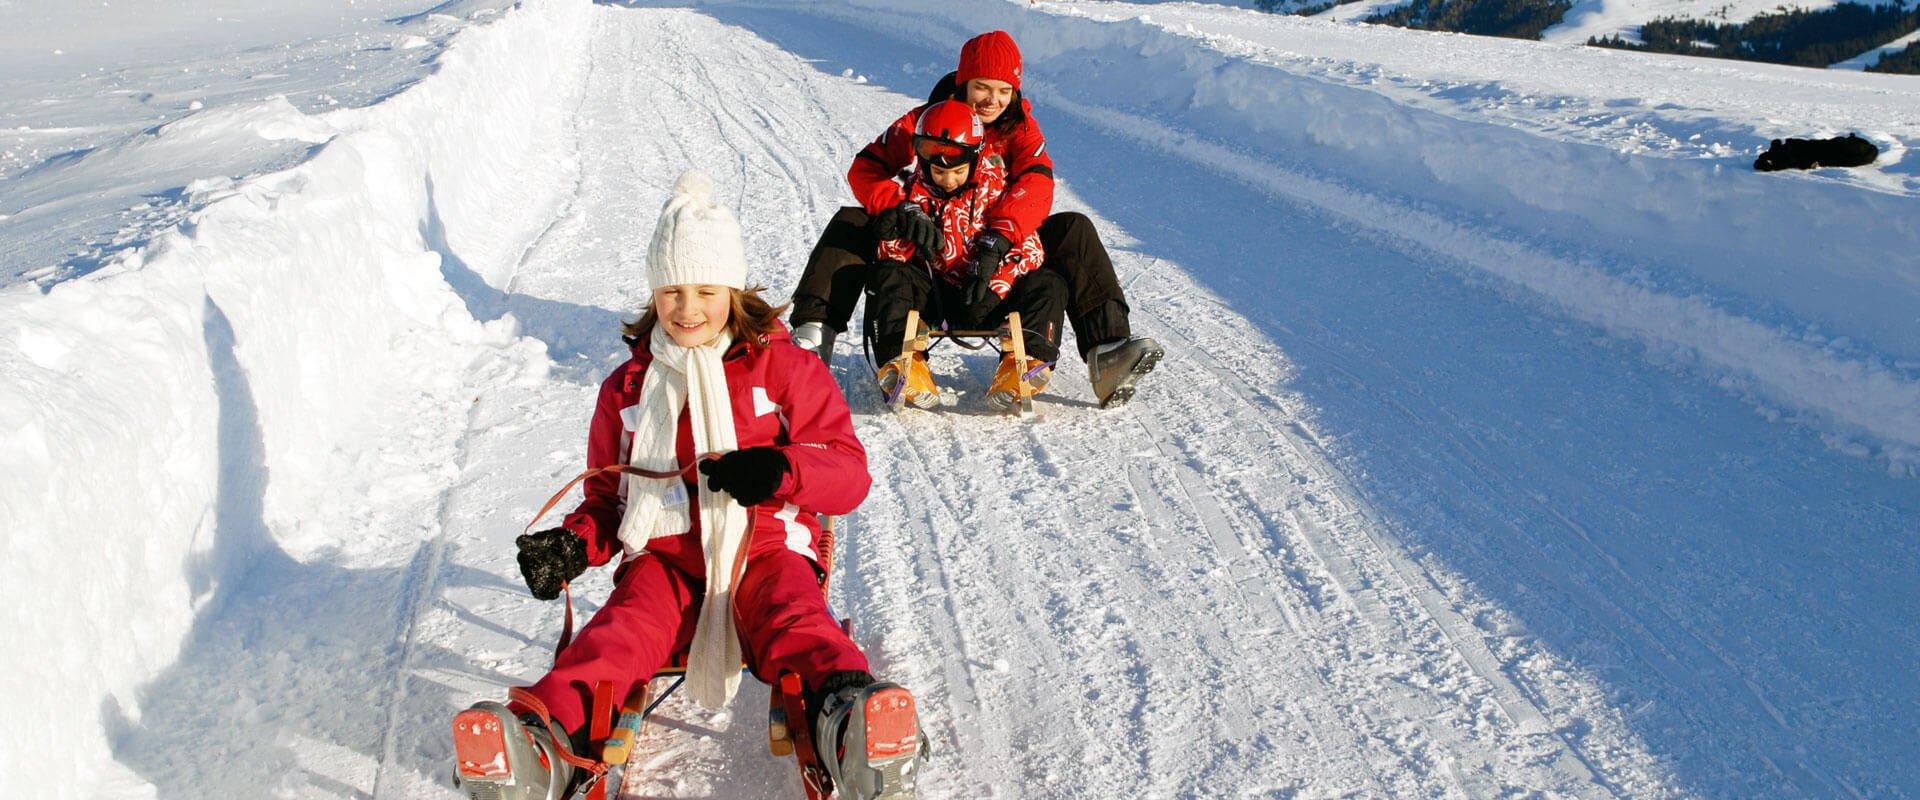 winterferien-dolomiten-kastelruth